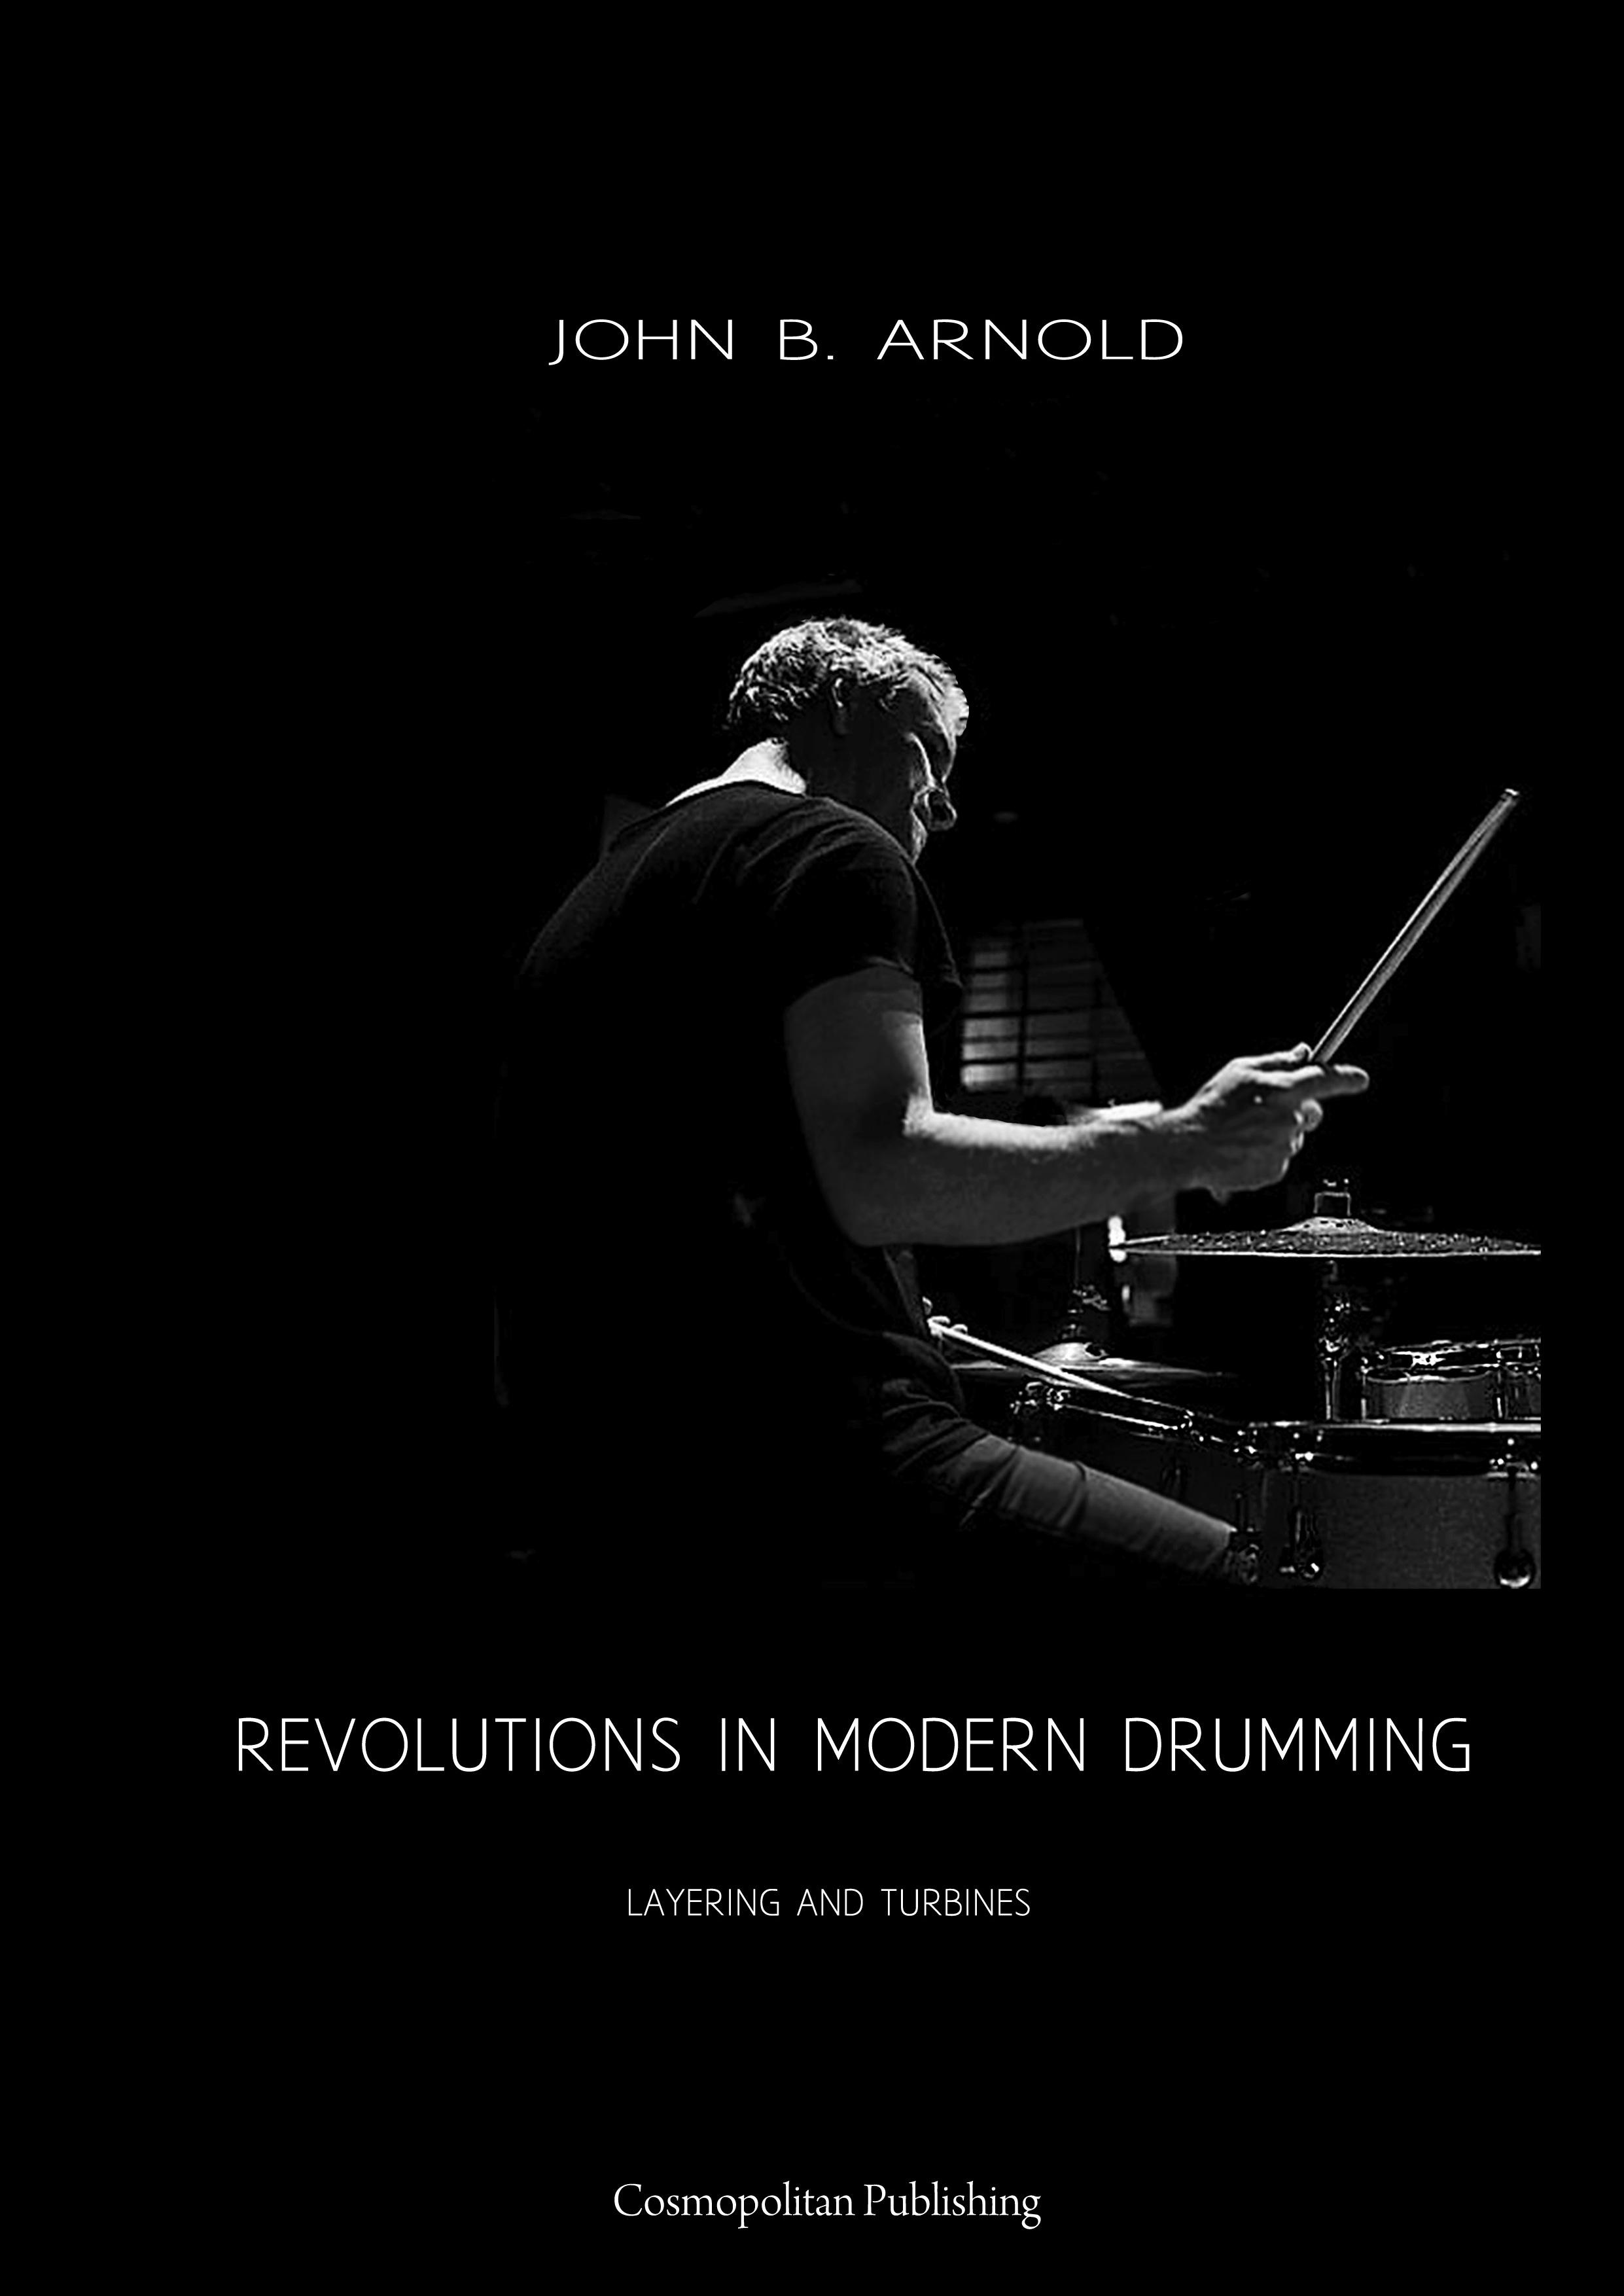 John B. Arnold